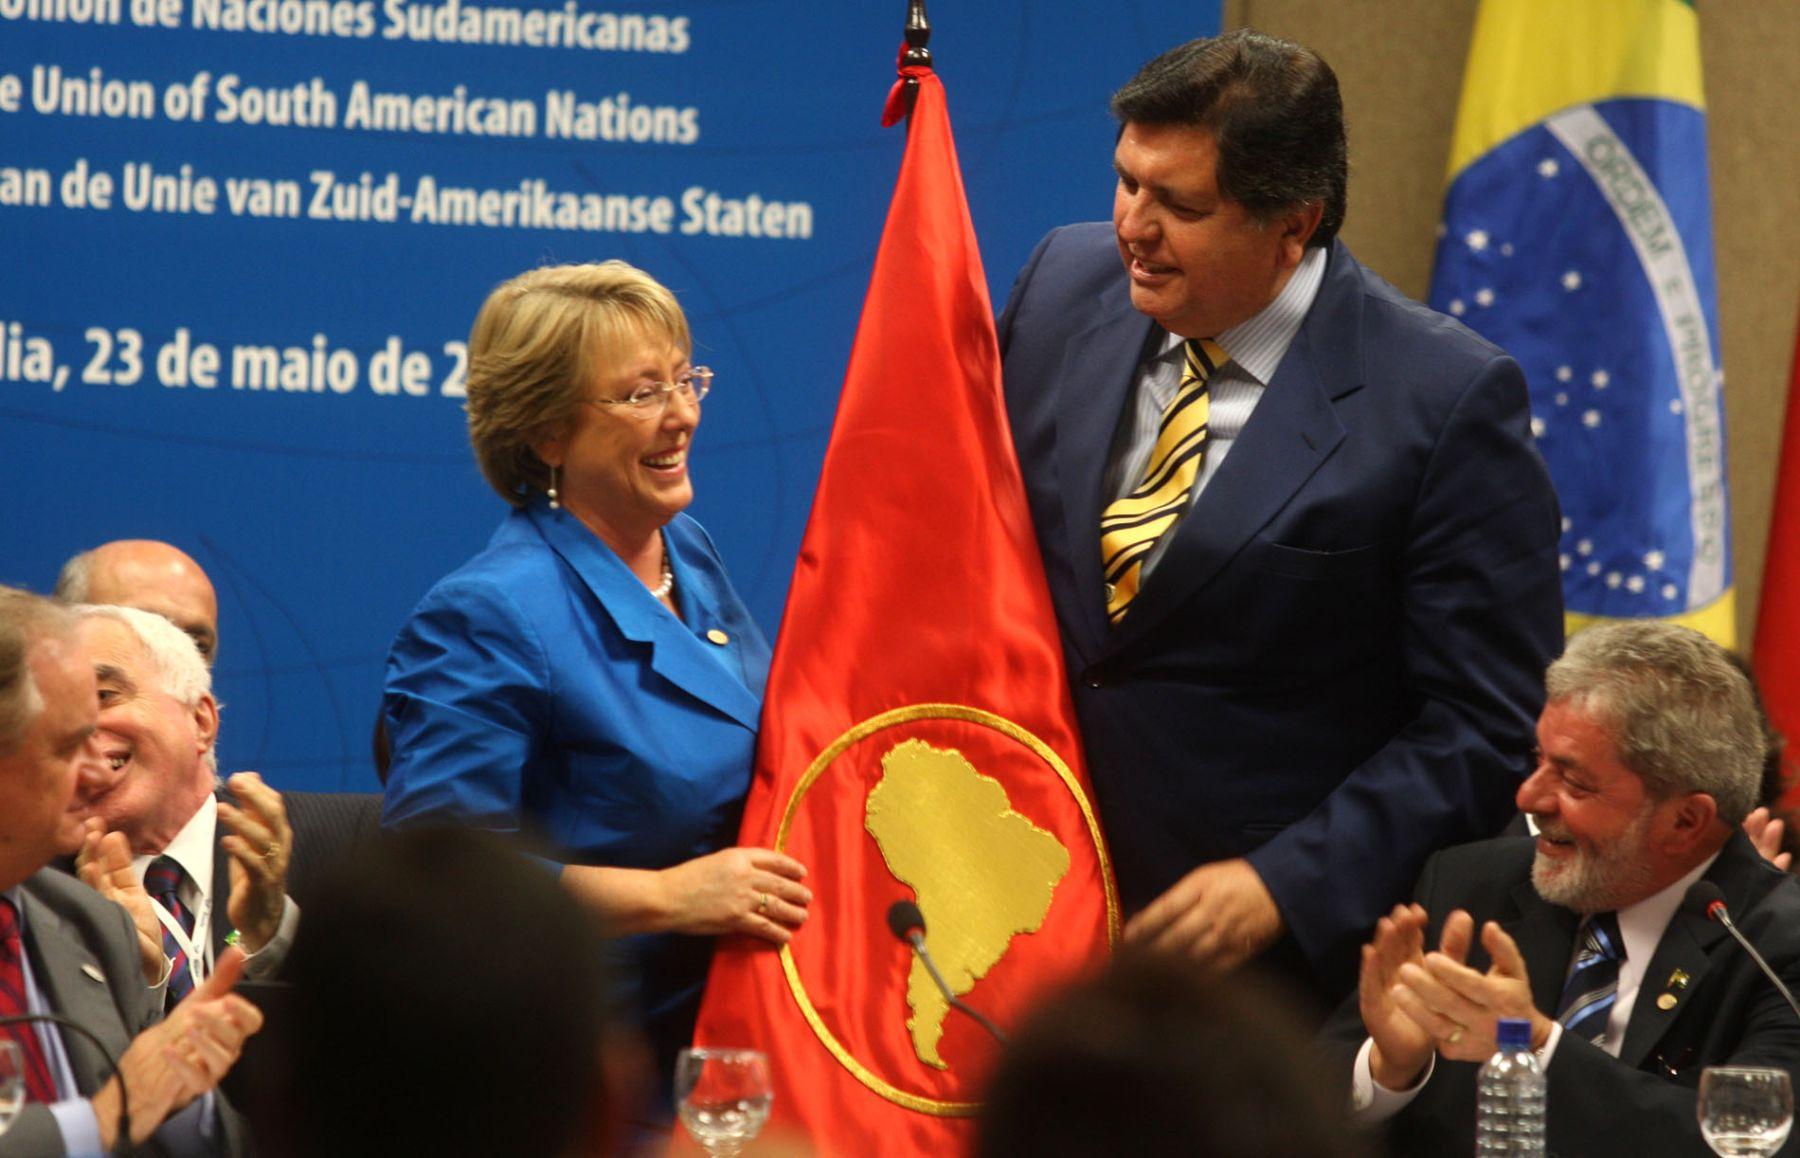 El presidente García entrega la bandera de Unasur a su homóloga de Chile, quien asume la presidencia de Unasur. Foto: ANDINA/Piero Vargas.